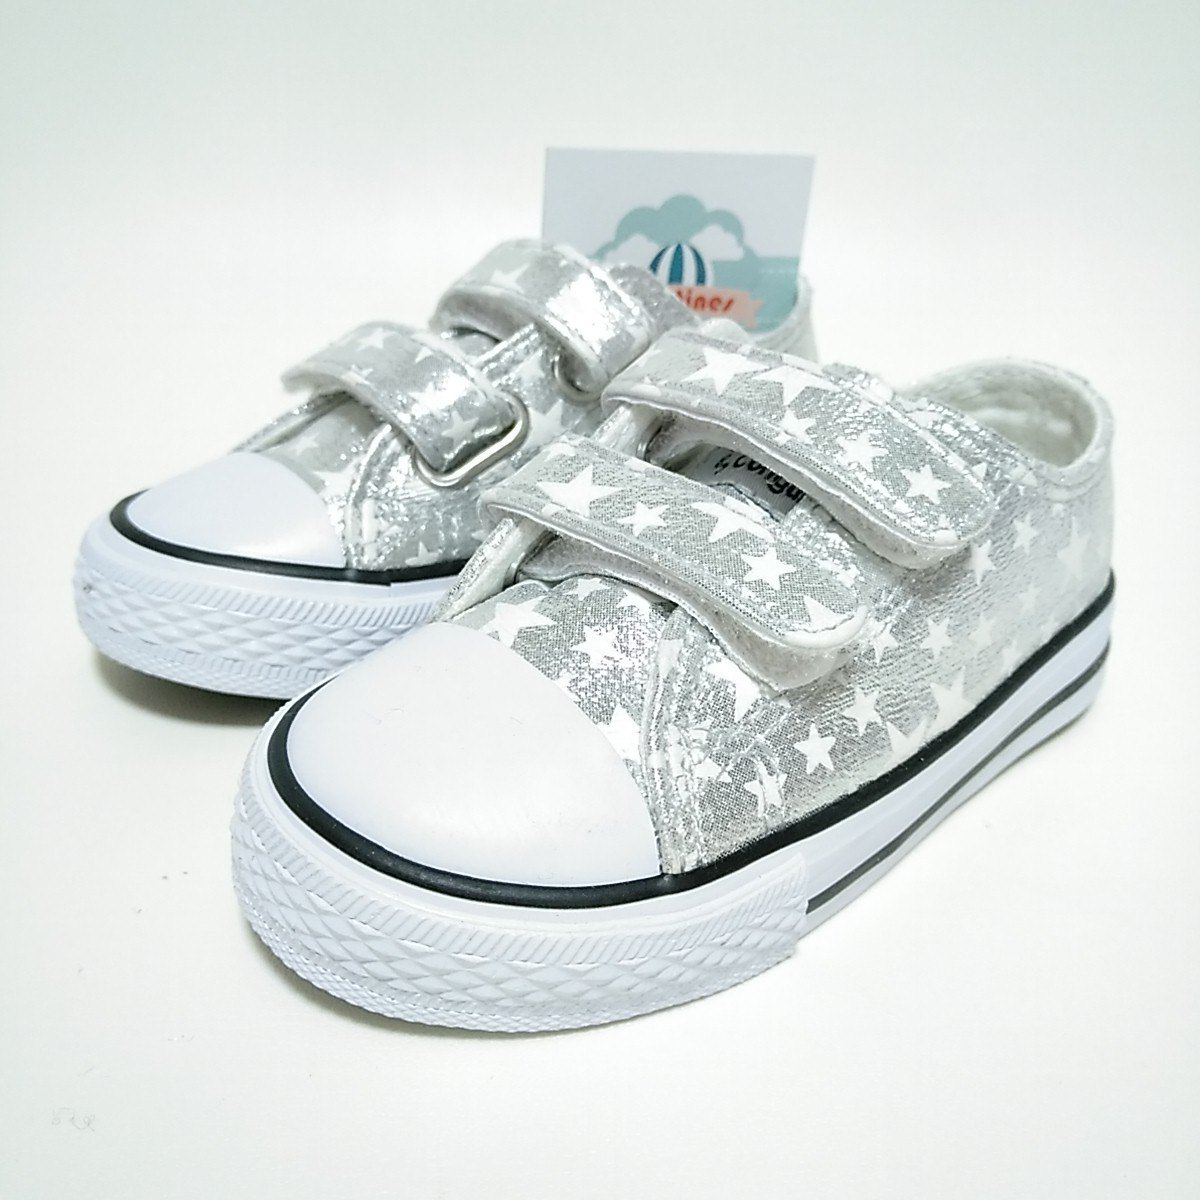 5341f2daa Zapatillas Estrellas Plata Velcro Niña metalizado Conguitos   Zapatines